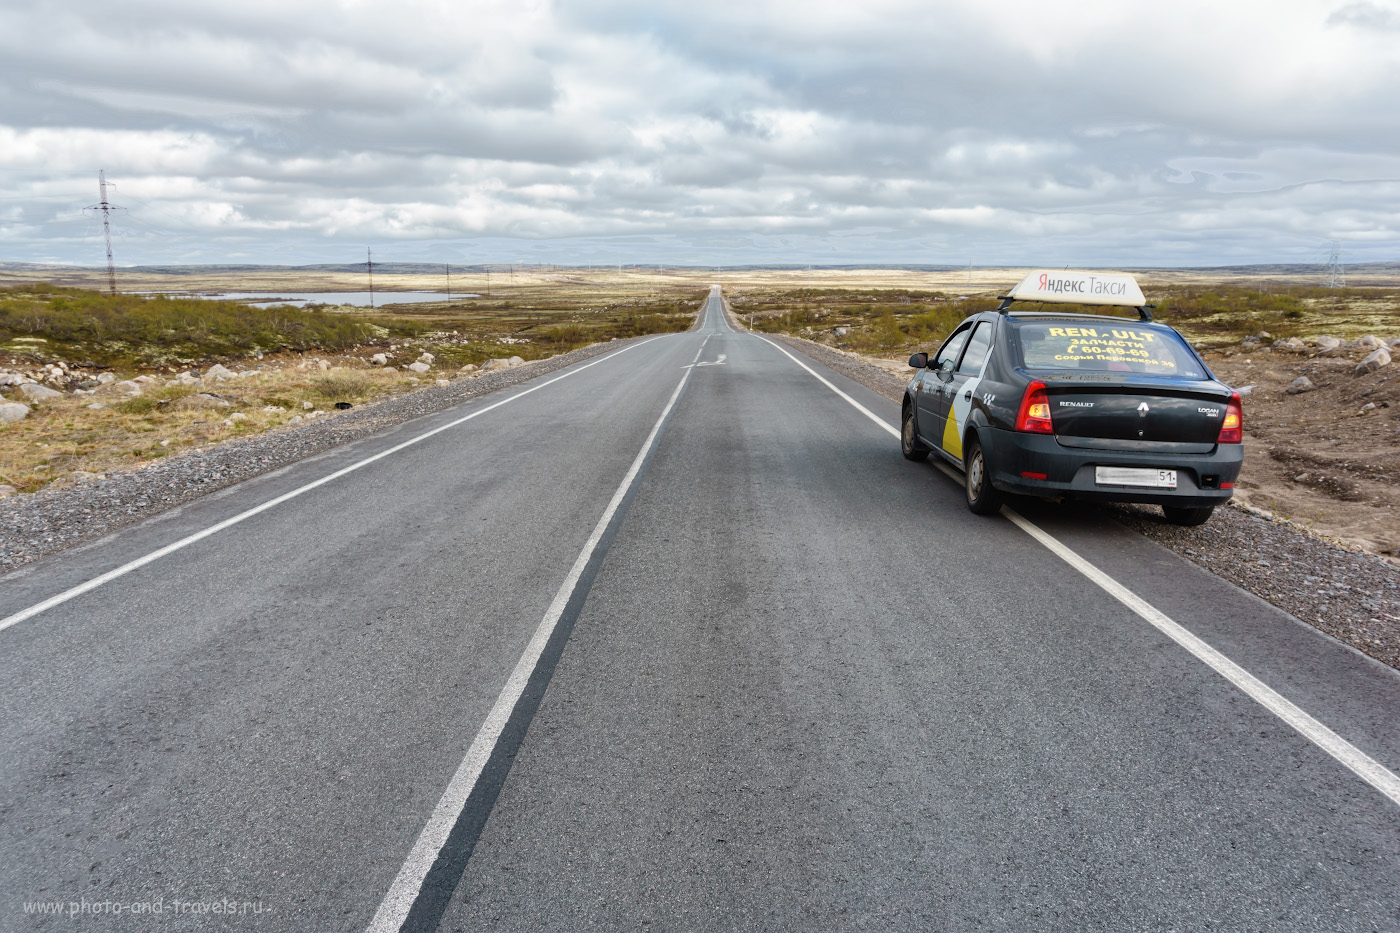 Фотография 5. Как добраться до Териберки из Мурманска? Дорого, но быстро – на такси. Дорога к Баренцеву морю на Кольском полуострове.